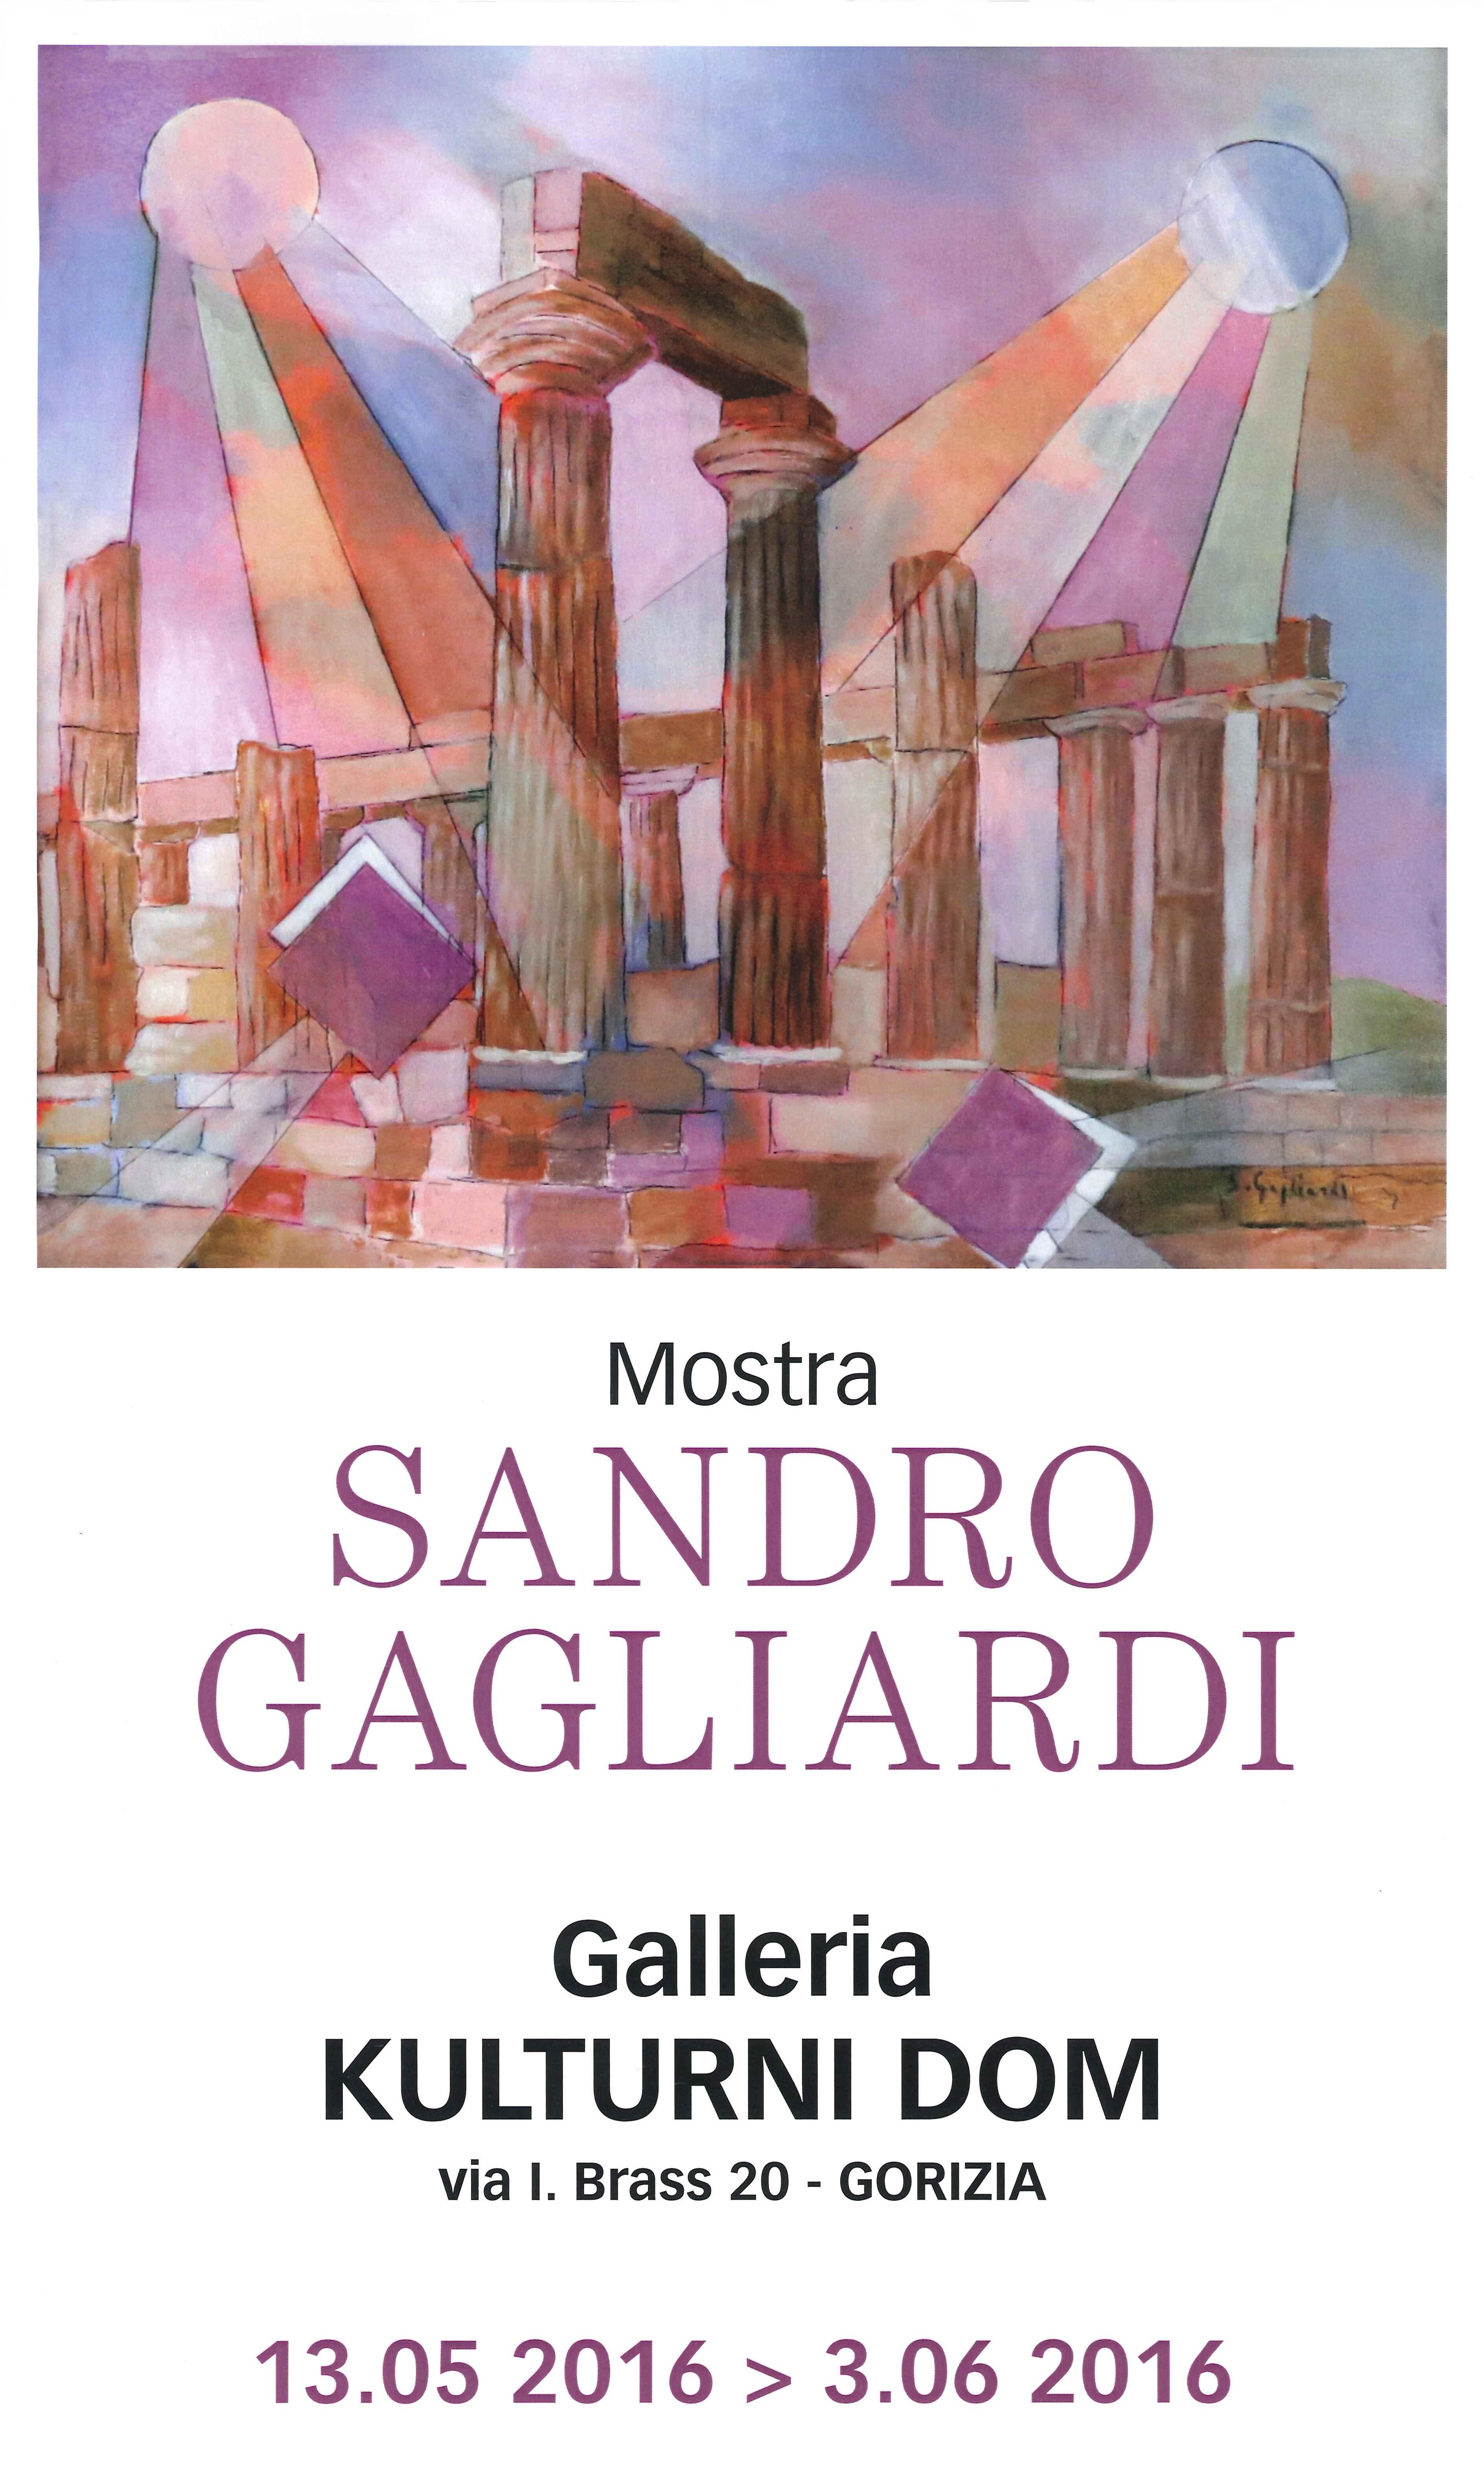 SANDRO GAGLIARDI mostra